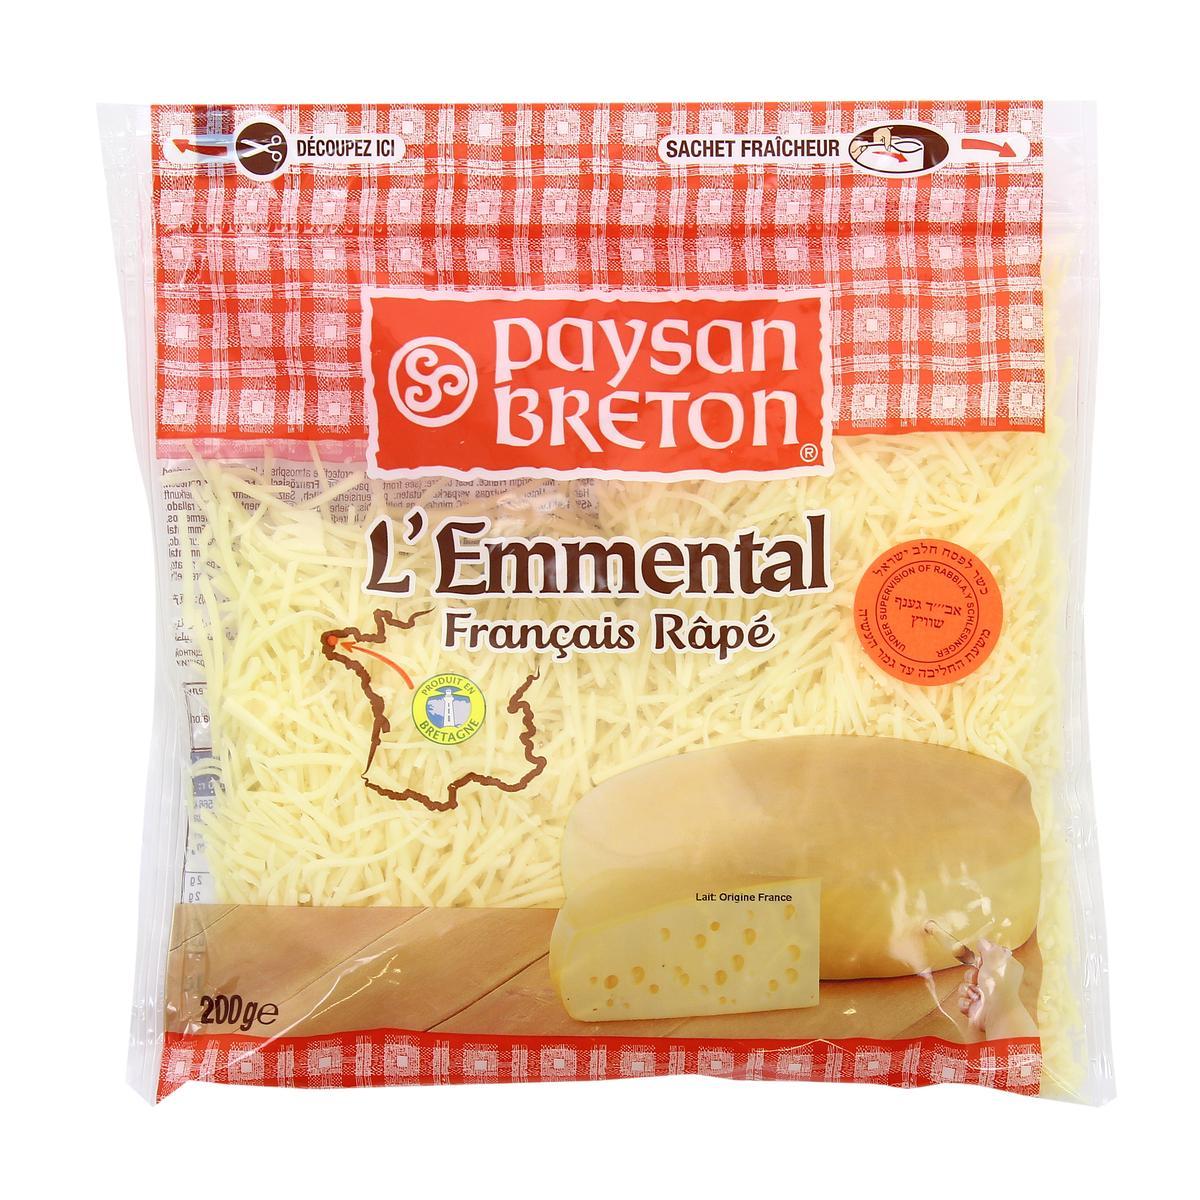 Cheese string Emmental Paysan Breton 200g - Phô mai sợi Emmental Paysan Breton 200g - Sản phẩm hữu cơ, nhập khẩu